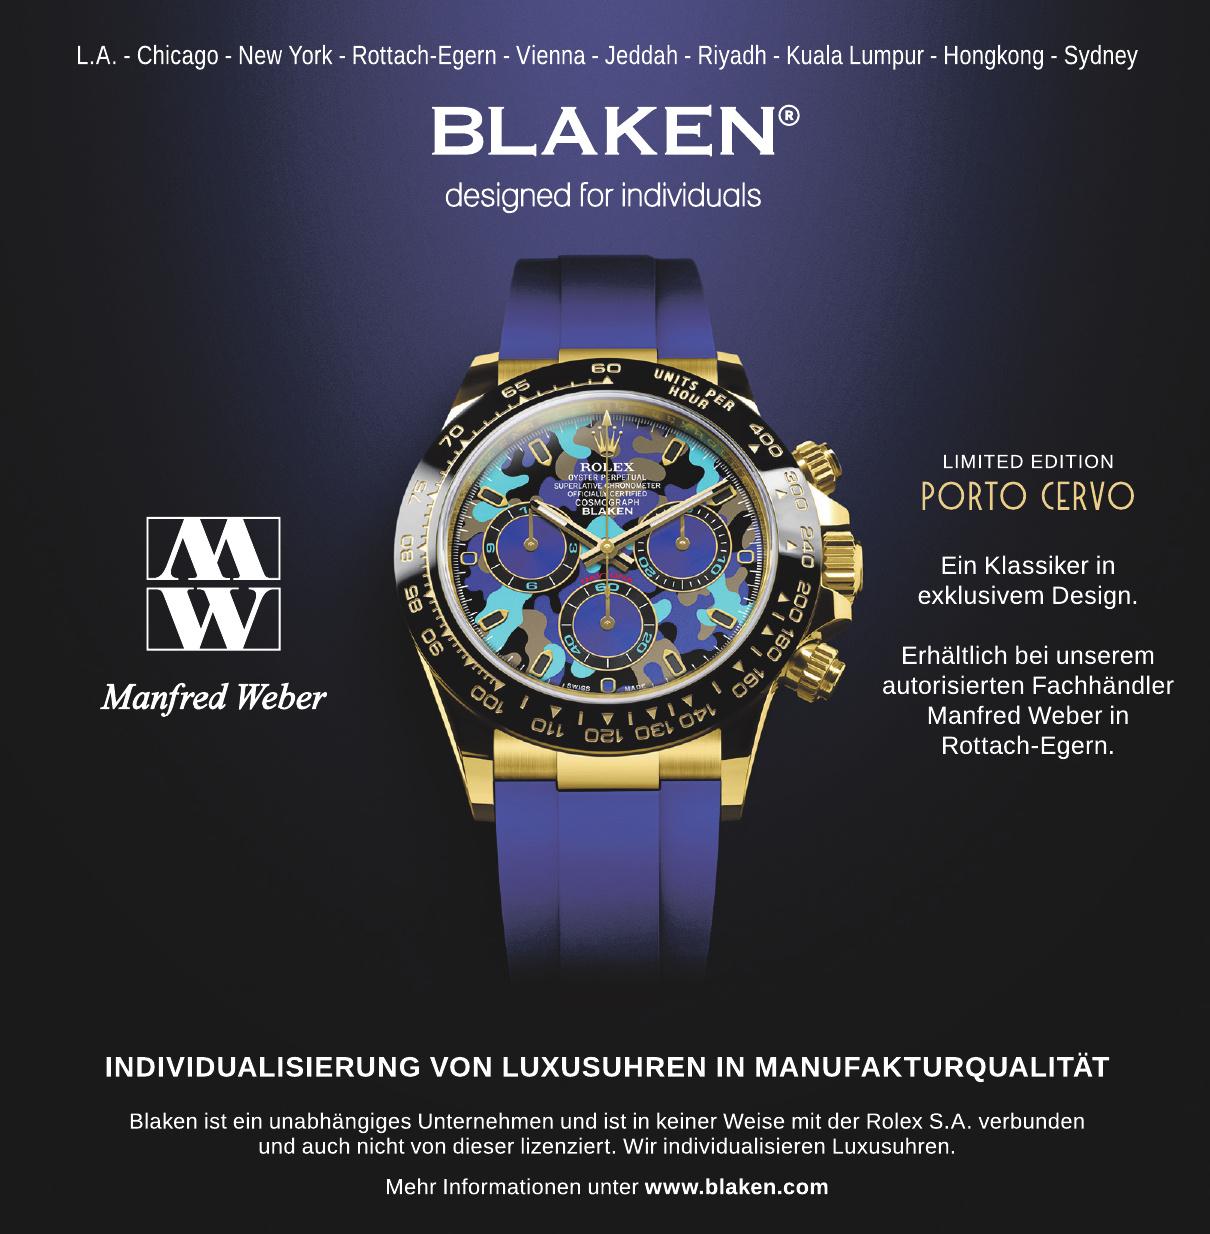 Blaken®